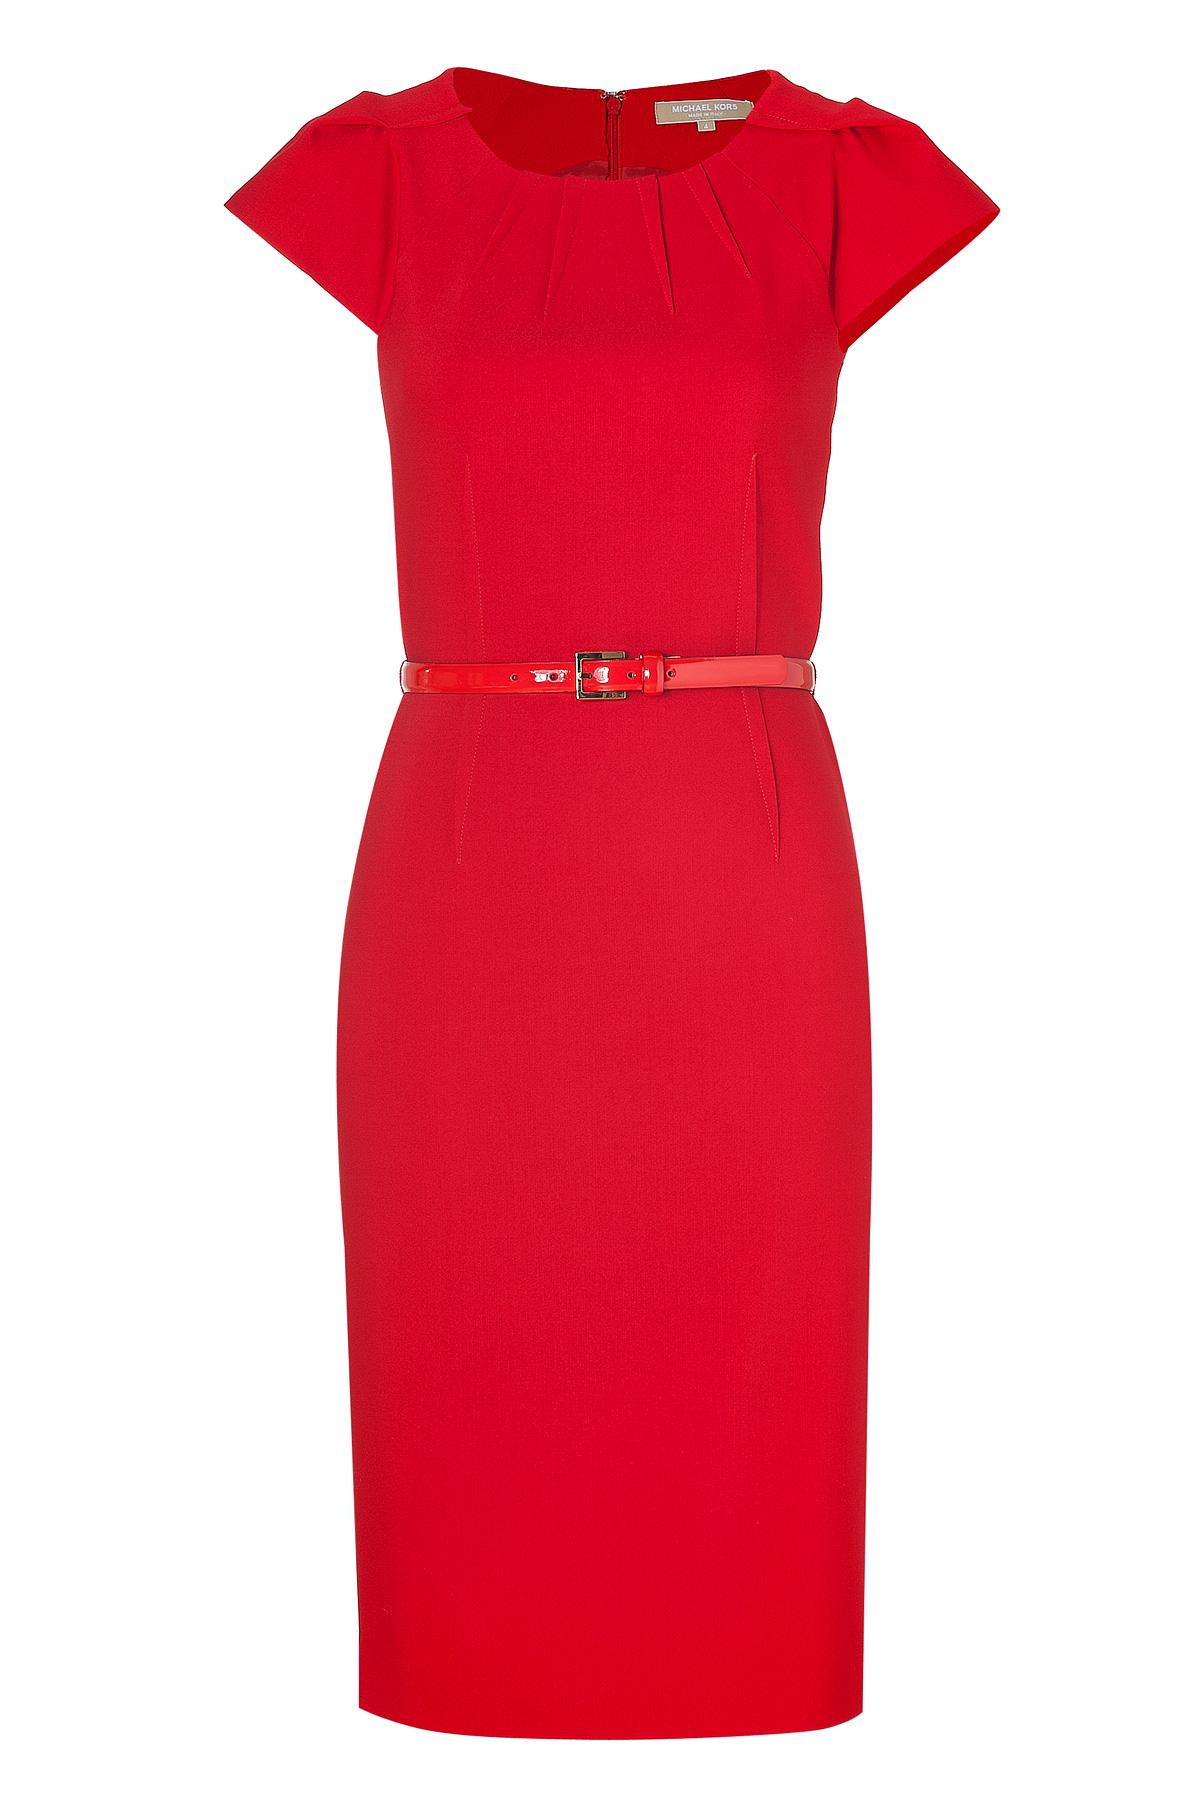 Как сделать красивые защипы на платье